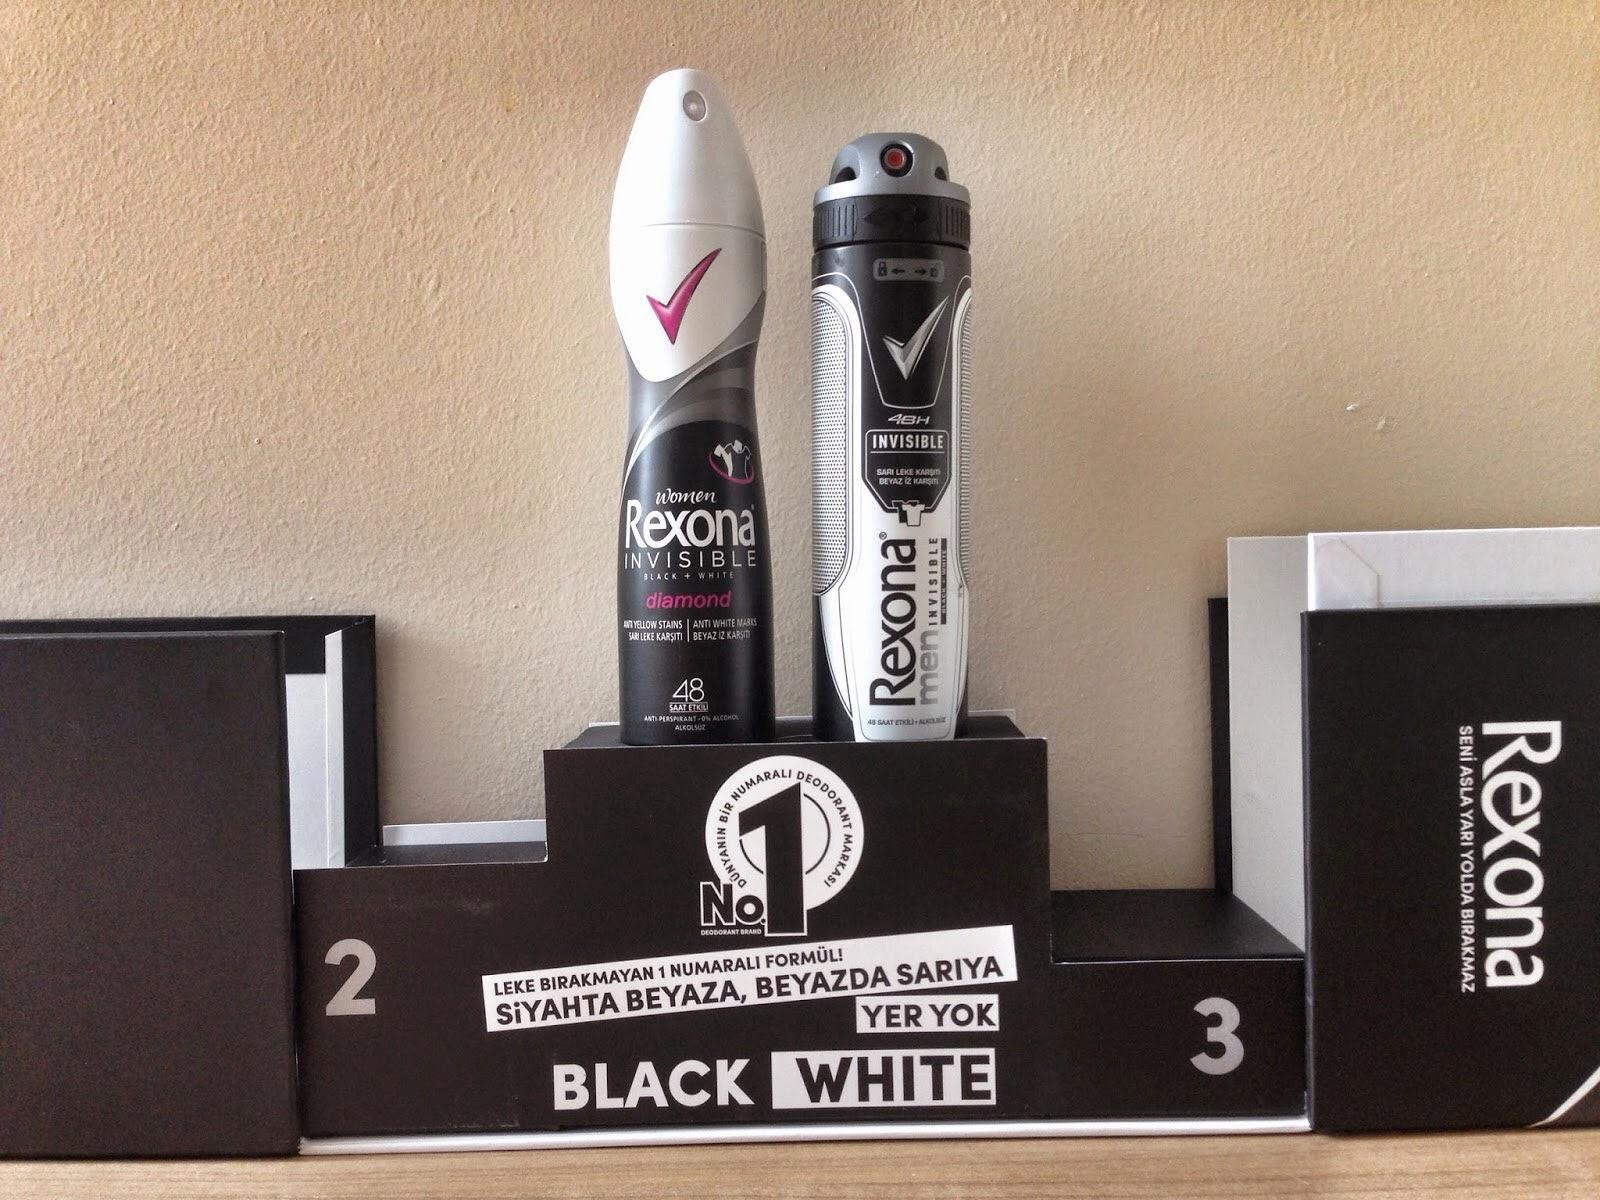 Rexona'dan yeni iz bırakmayan deodorant Rexona // Black + White